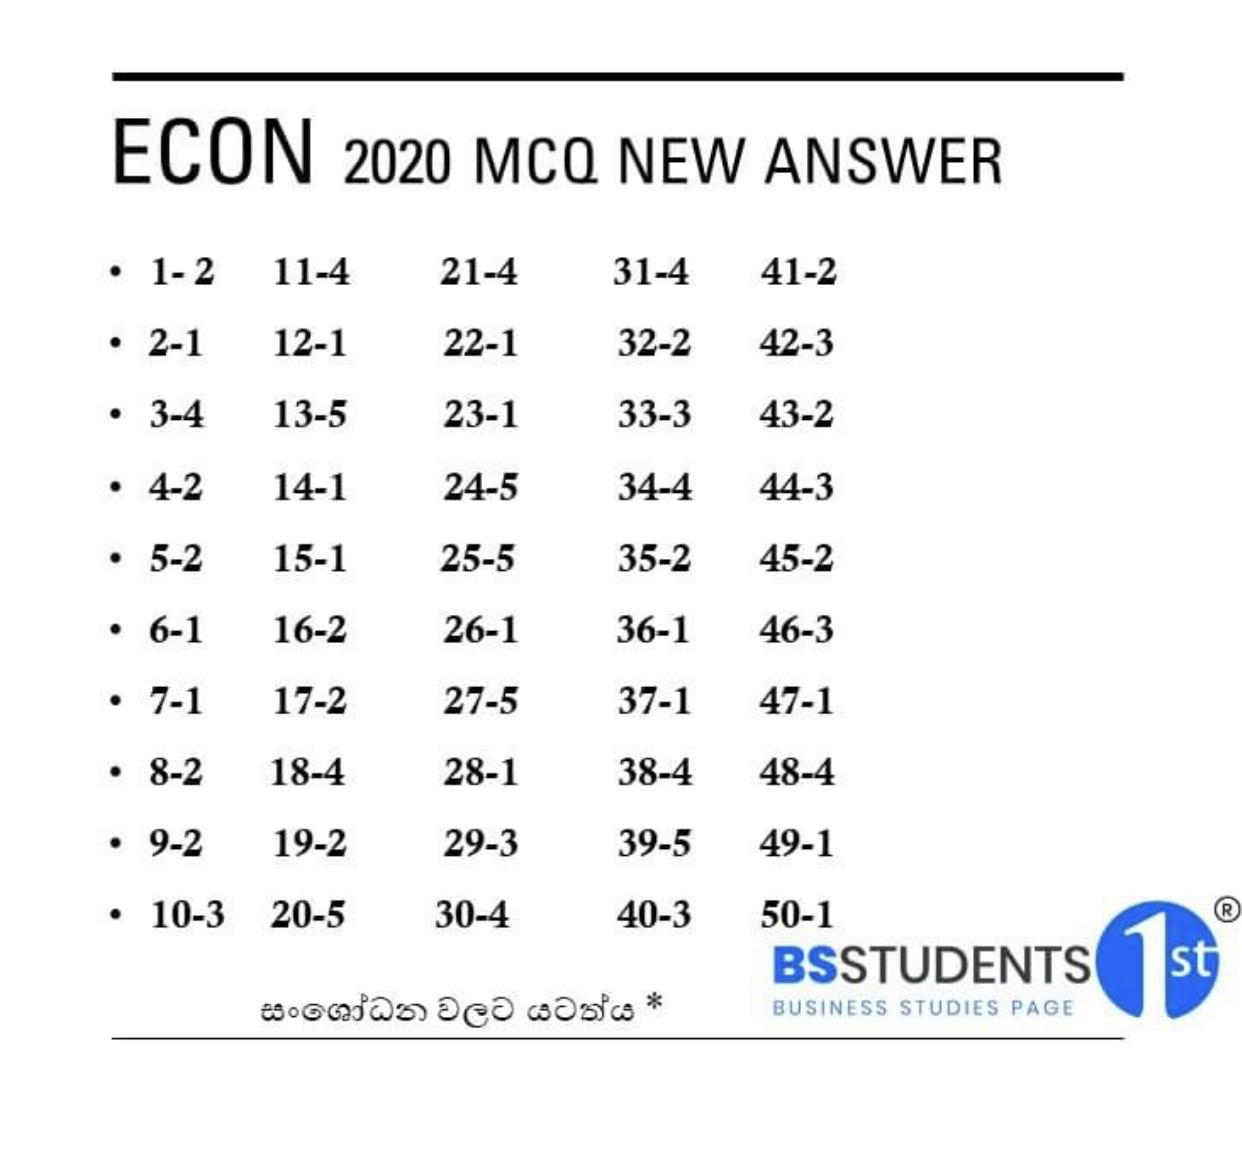 2020 Econ MCQ